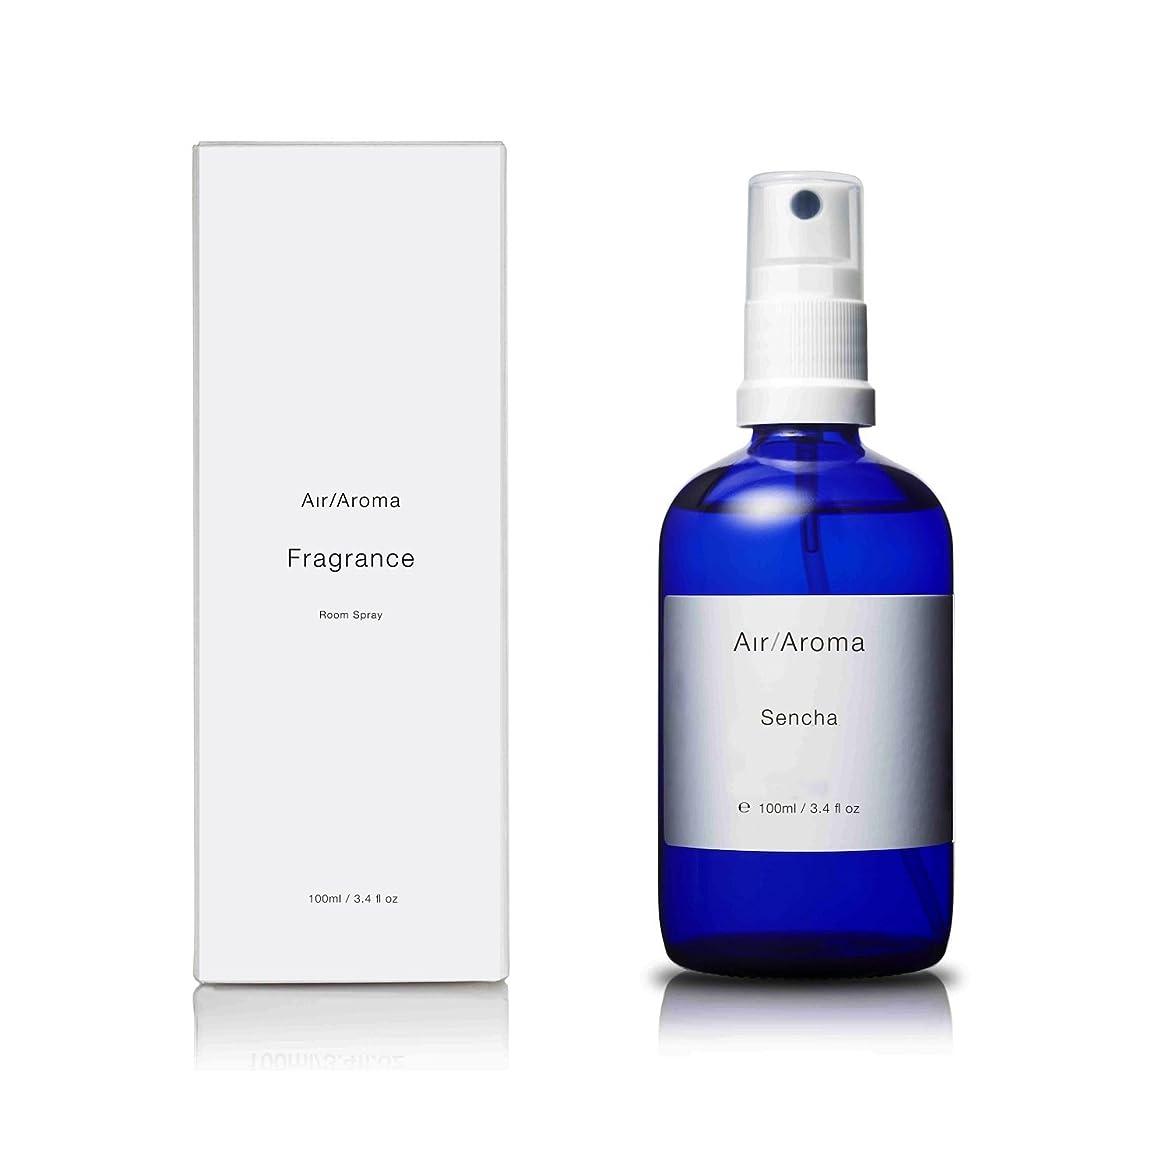 クスクススープ近傍エアアロマ sencha room fragrance(センチャ ルームフレグランス)100ml